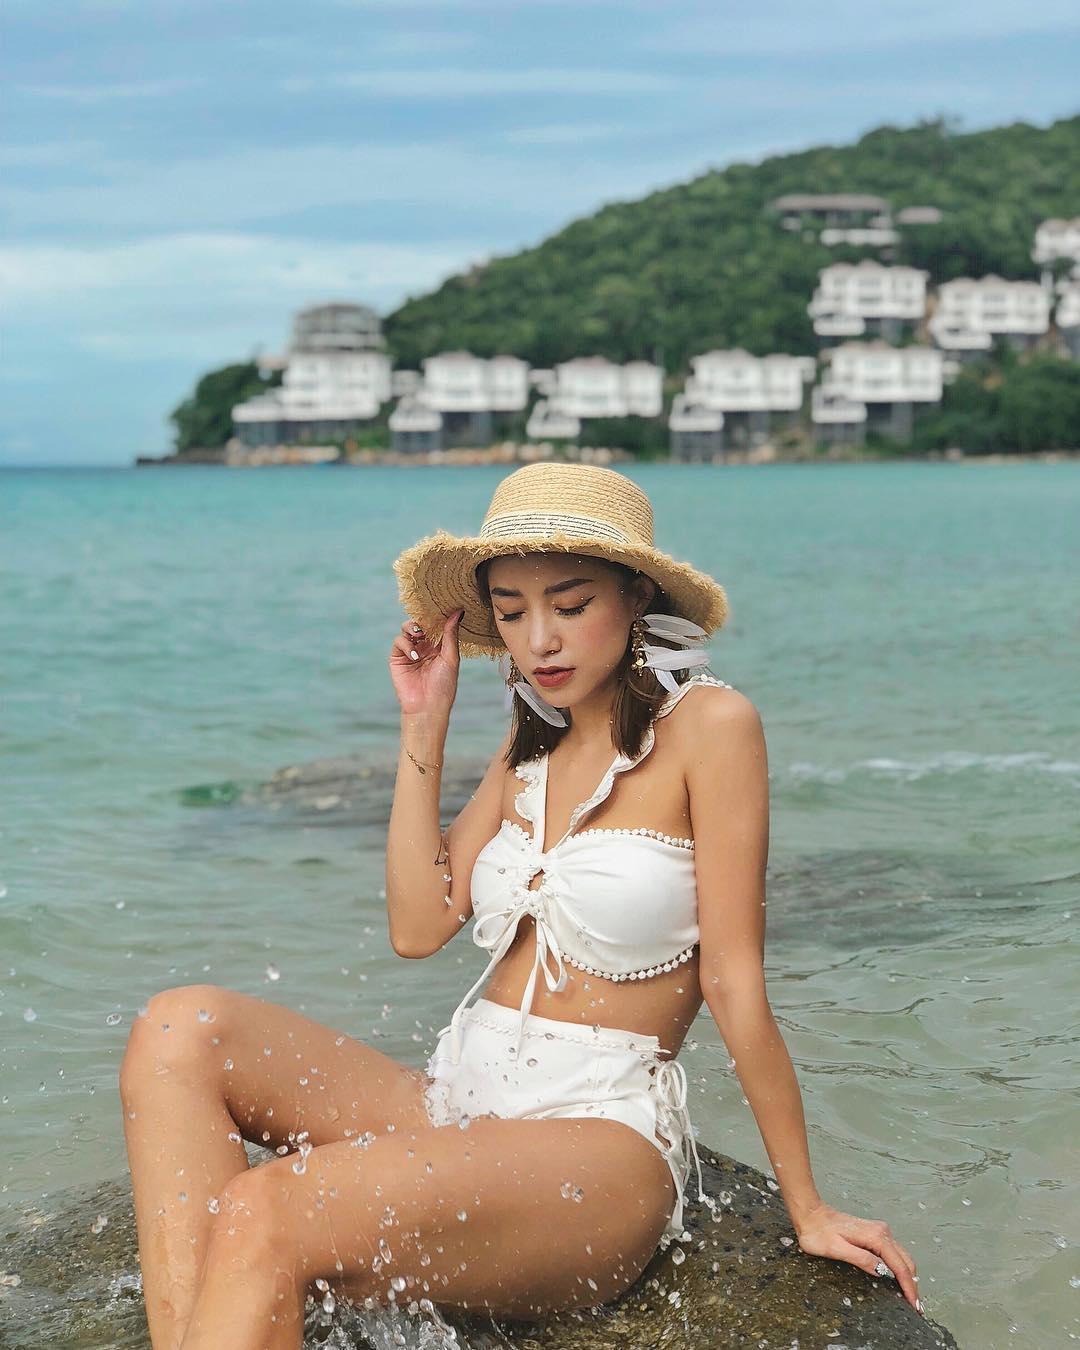 kiểu bikini đẹp nhún bèo màu trắng dây yếm cổ salim hoàng